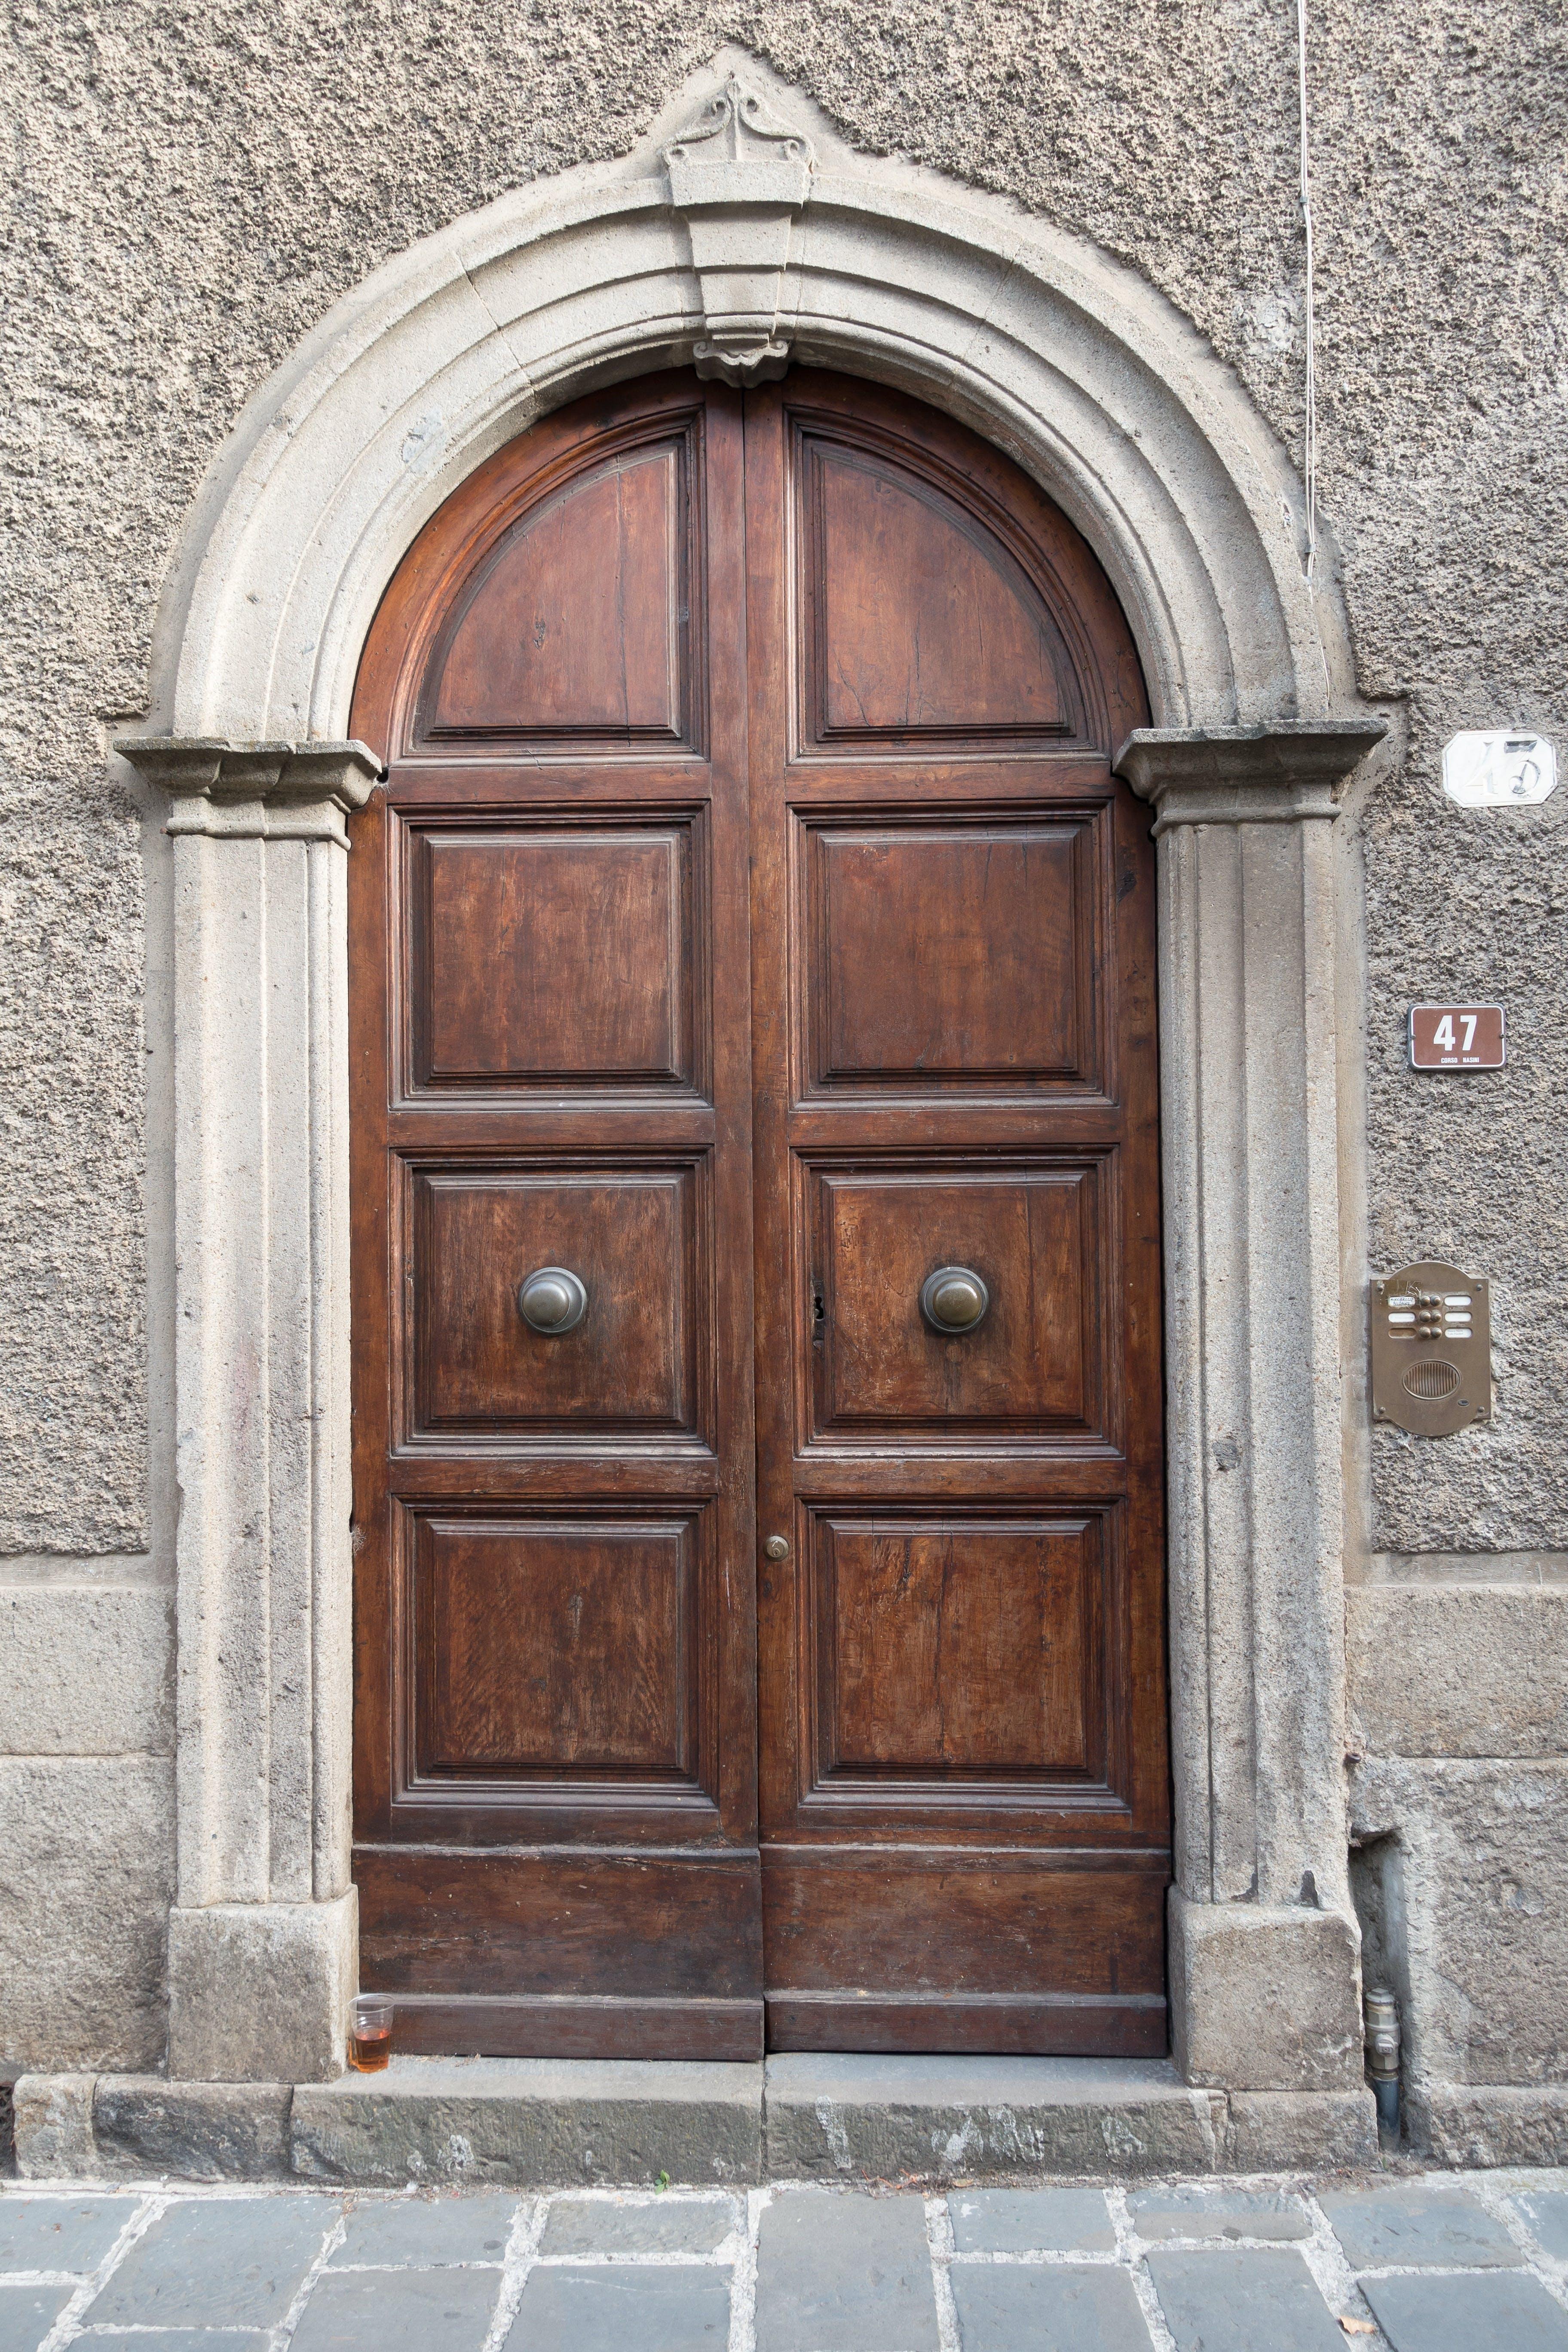 Free stock photo of wood, building, door, gate